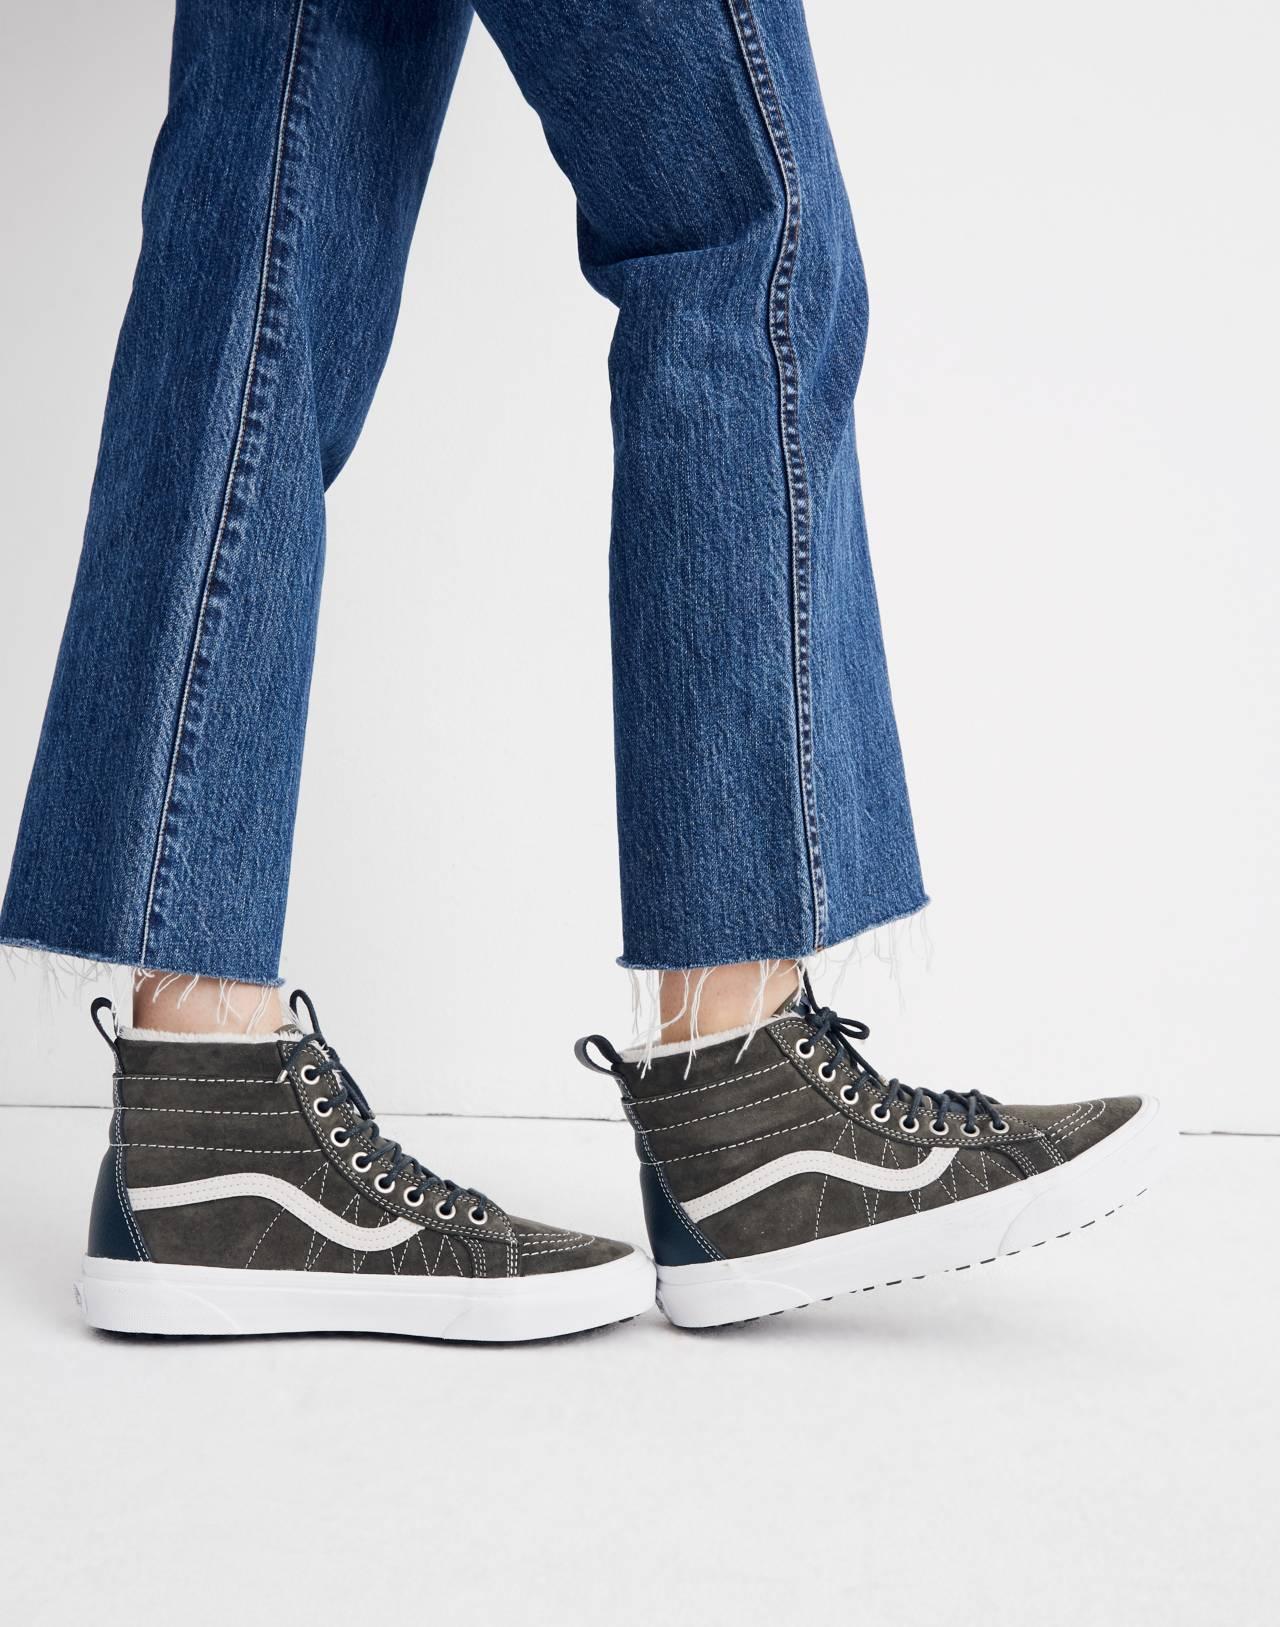 Vans® Unisex Sk8-Hi MTE High-Top Sneakers in Suede in dusty olive darkest spruce image 2